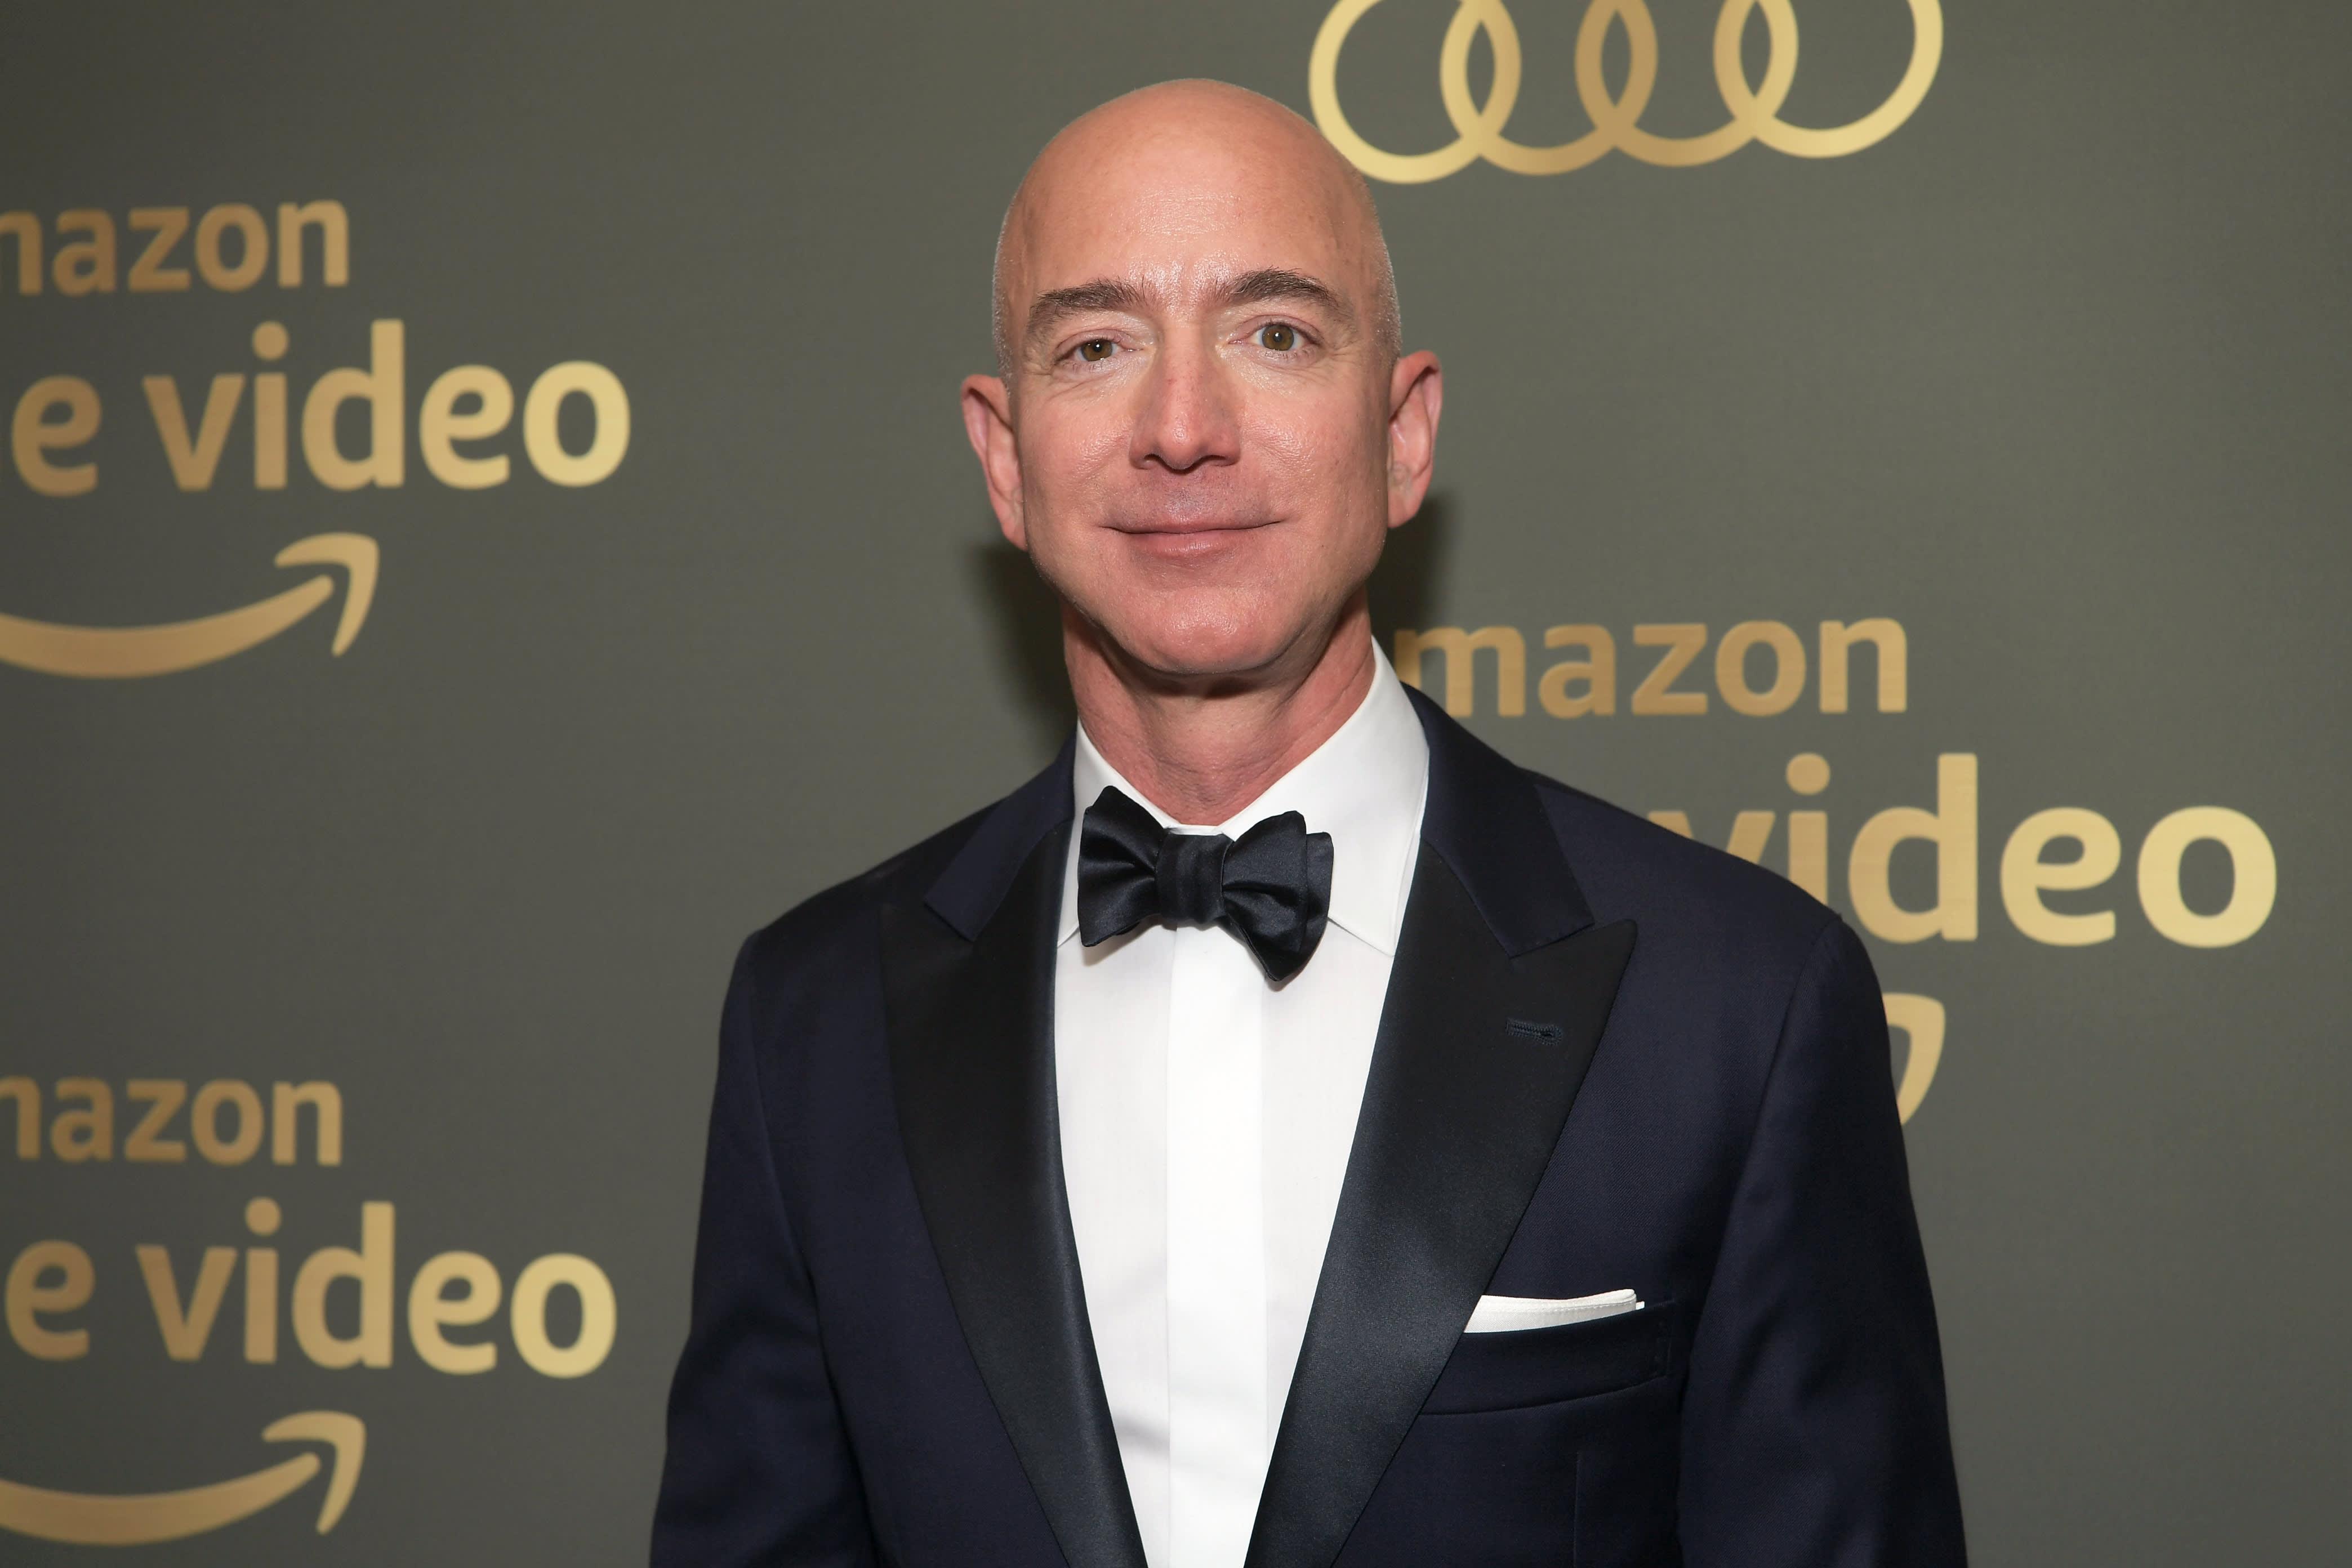 Amazon'un kurucusu Jeff Bezos'tan flaş karar: Görevini bırakıyor